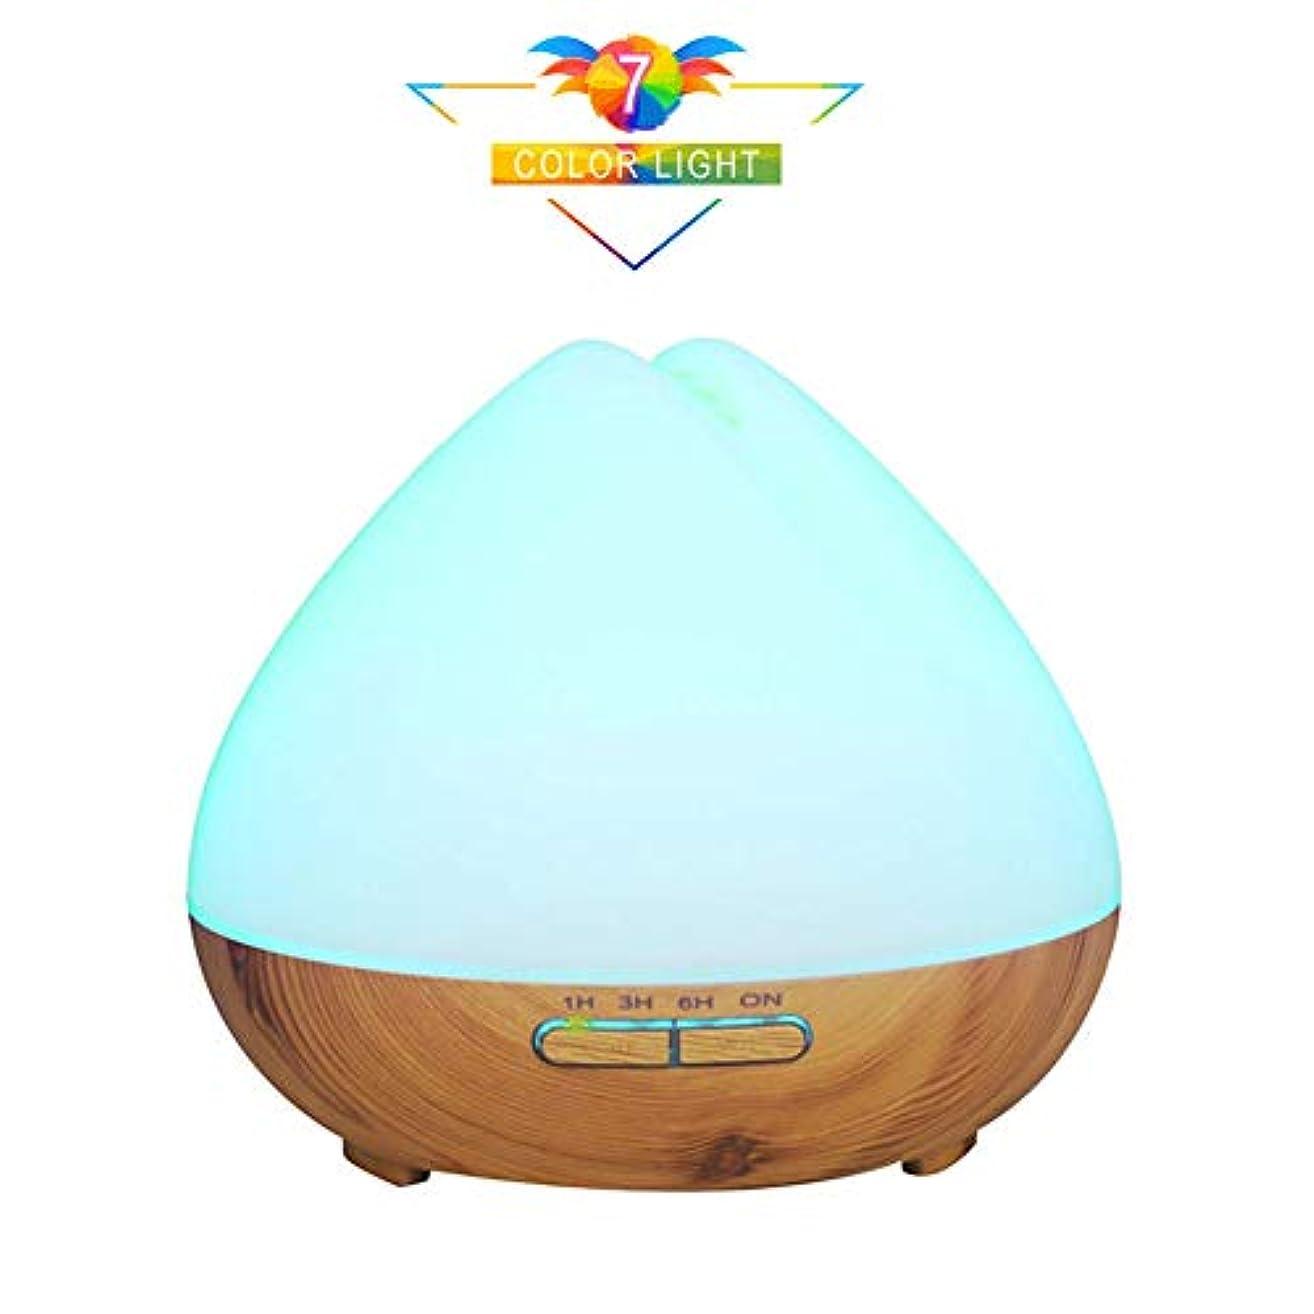 奇妙なファンタジーシエスタ400ミリリットルアロマエッセンシャルオイルディフューザー、クールミストアロマディフューザー7色を設定する4タイマーLEDライト